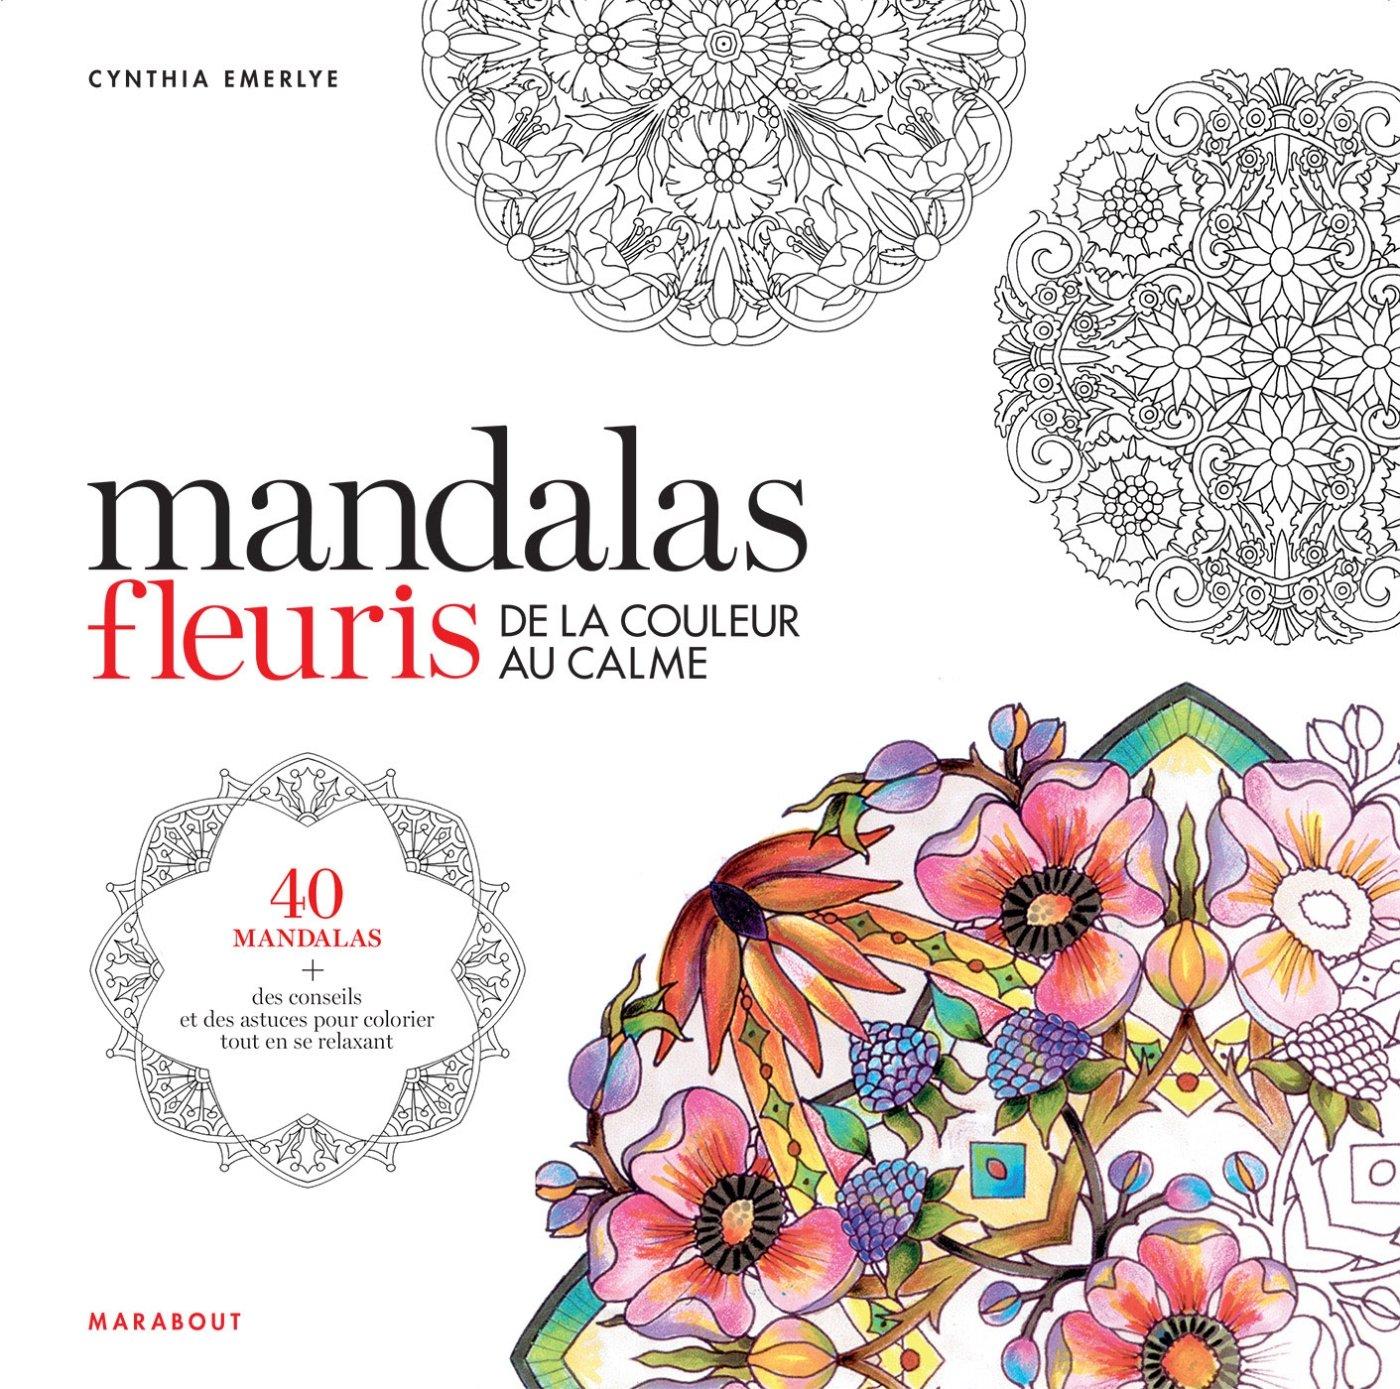 Coloriage Mandala Couleur.Coloriage Mandalas Fleuris De La Couleur Au Calme Amazon Ca